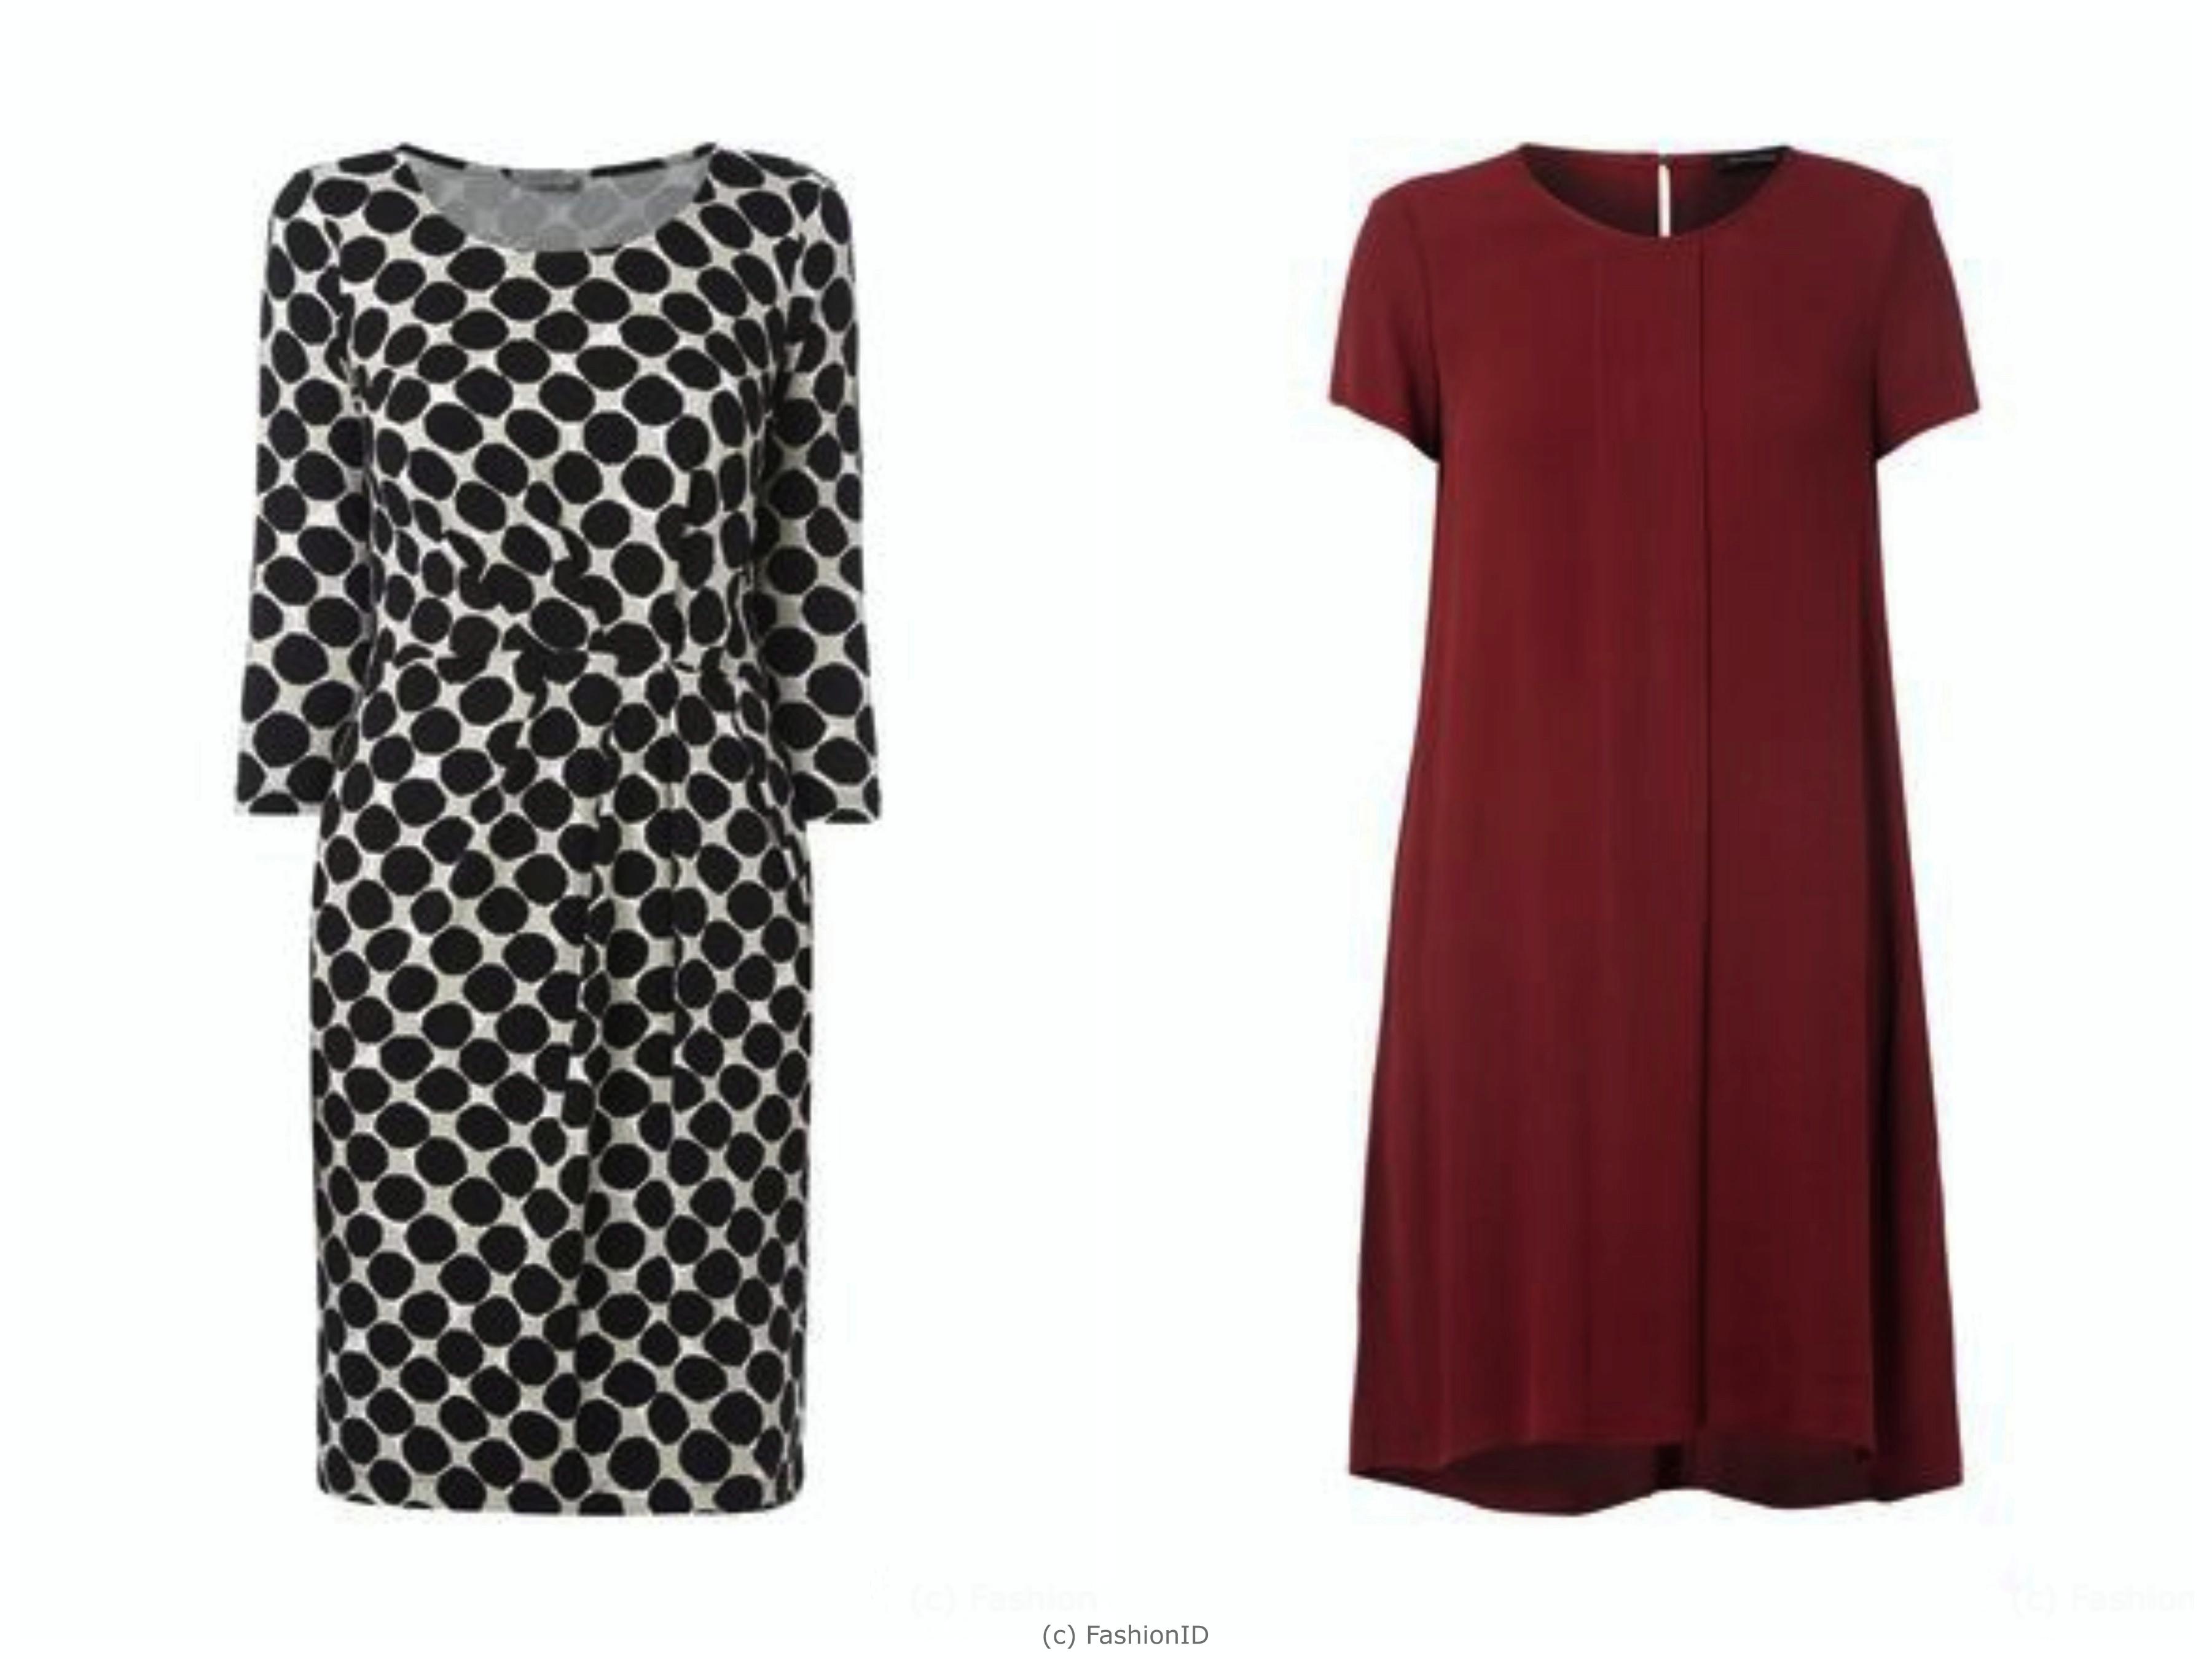 Kleider von Montego (li) und Marc O'Polo (re)